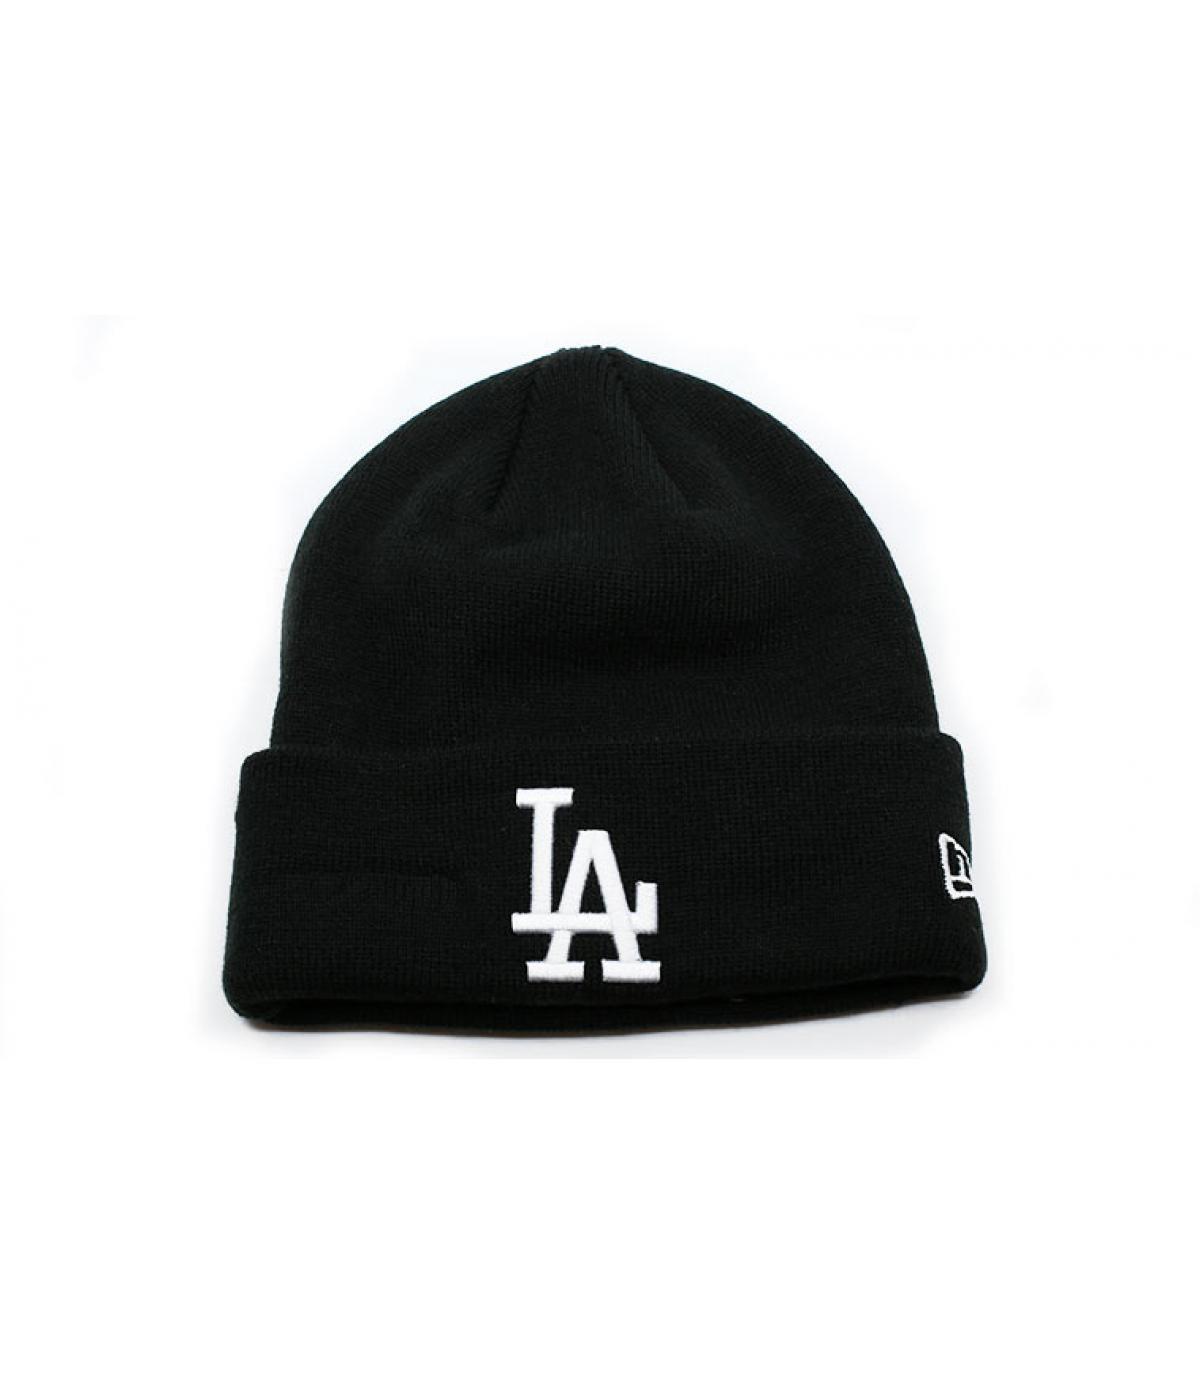 Détails Bonnet MLB Essential Cuff LA black white - image 2